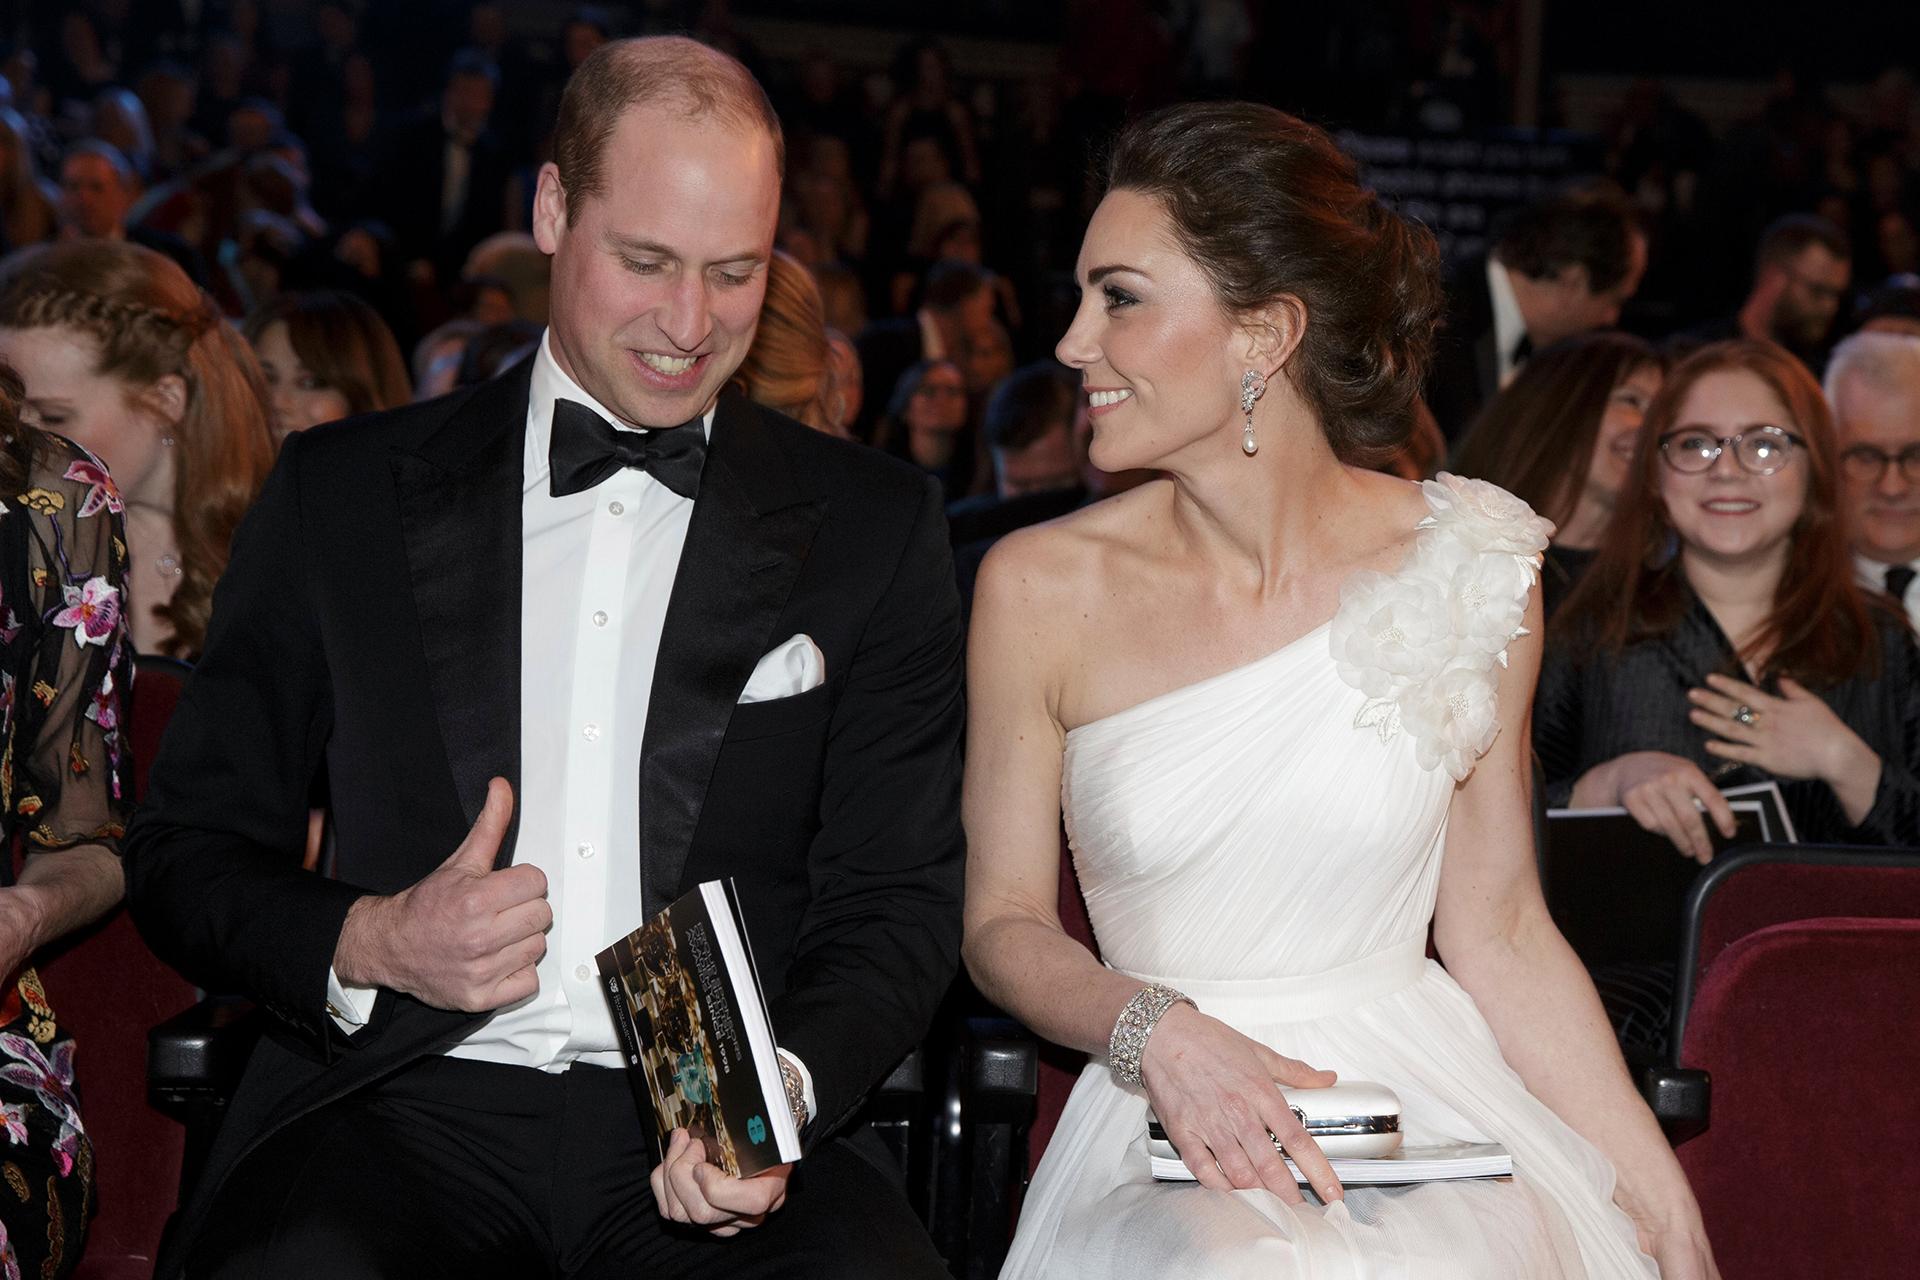 Los duques deCambridgeen lospremios BAFTA 2019 en elRoyal Albert Hall, Londres